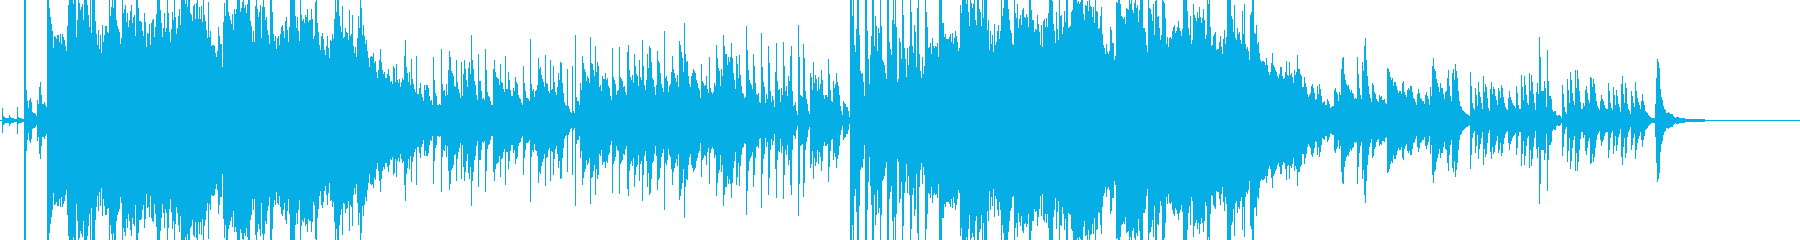 ピアノとストリングスのワルツ (雪の朝)の再生済みの波形